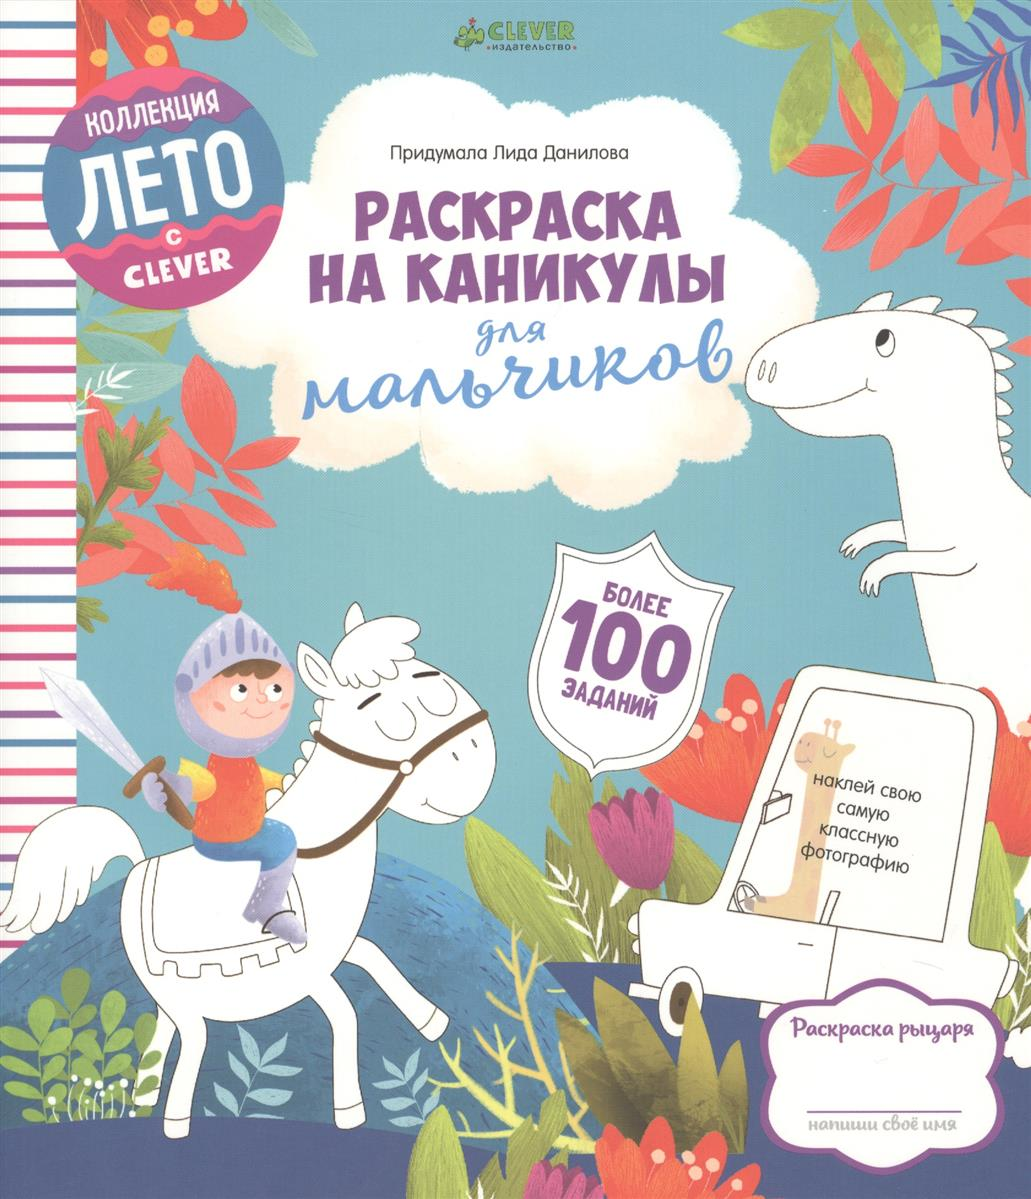 Данилова Л. Раскраска на каникулы для мальчиков. Более 100 заданий